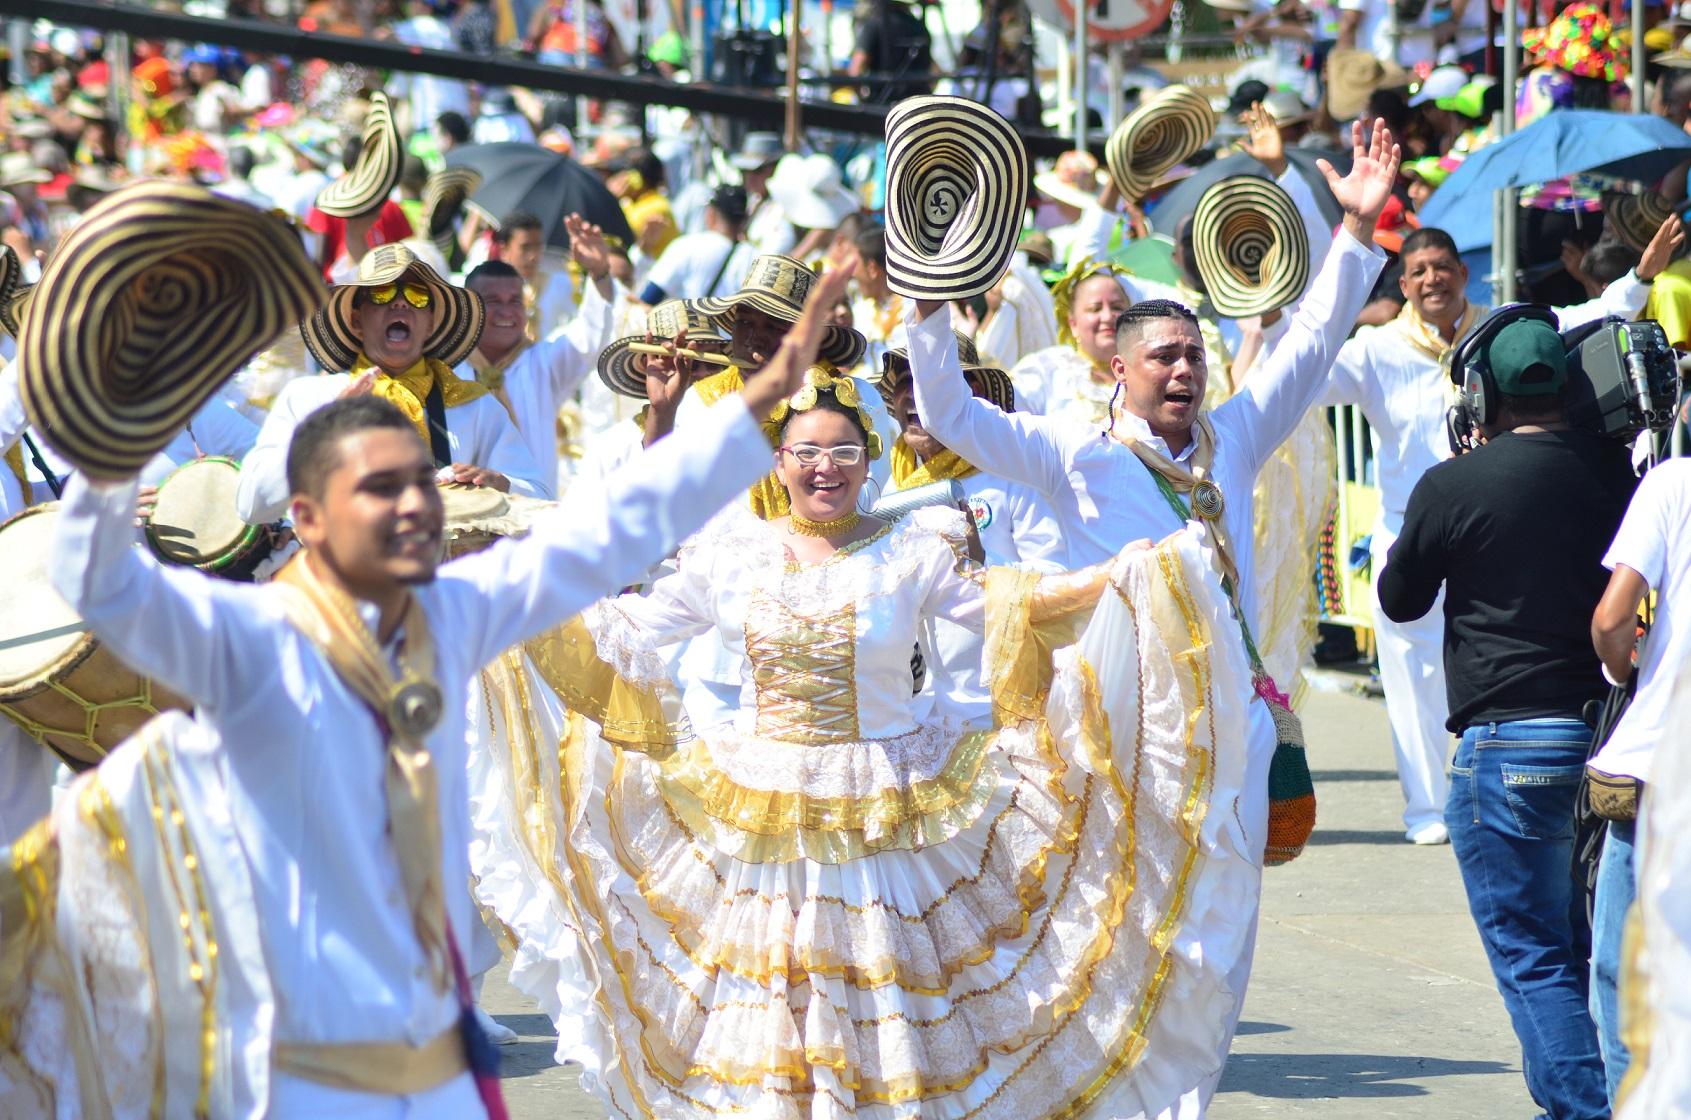 Carnaval de Barranquilla, nominado a los premios India Catalina